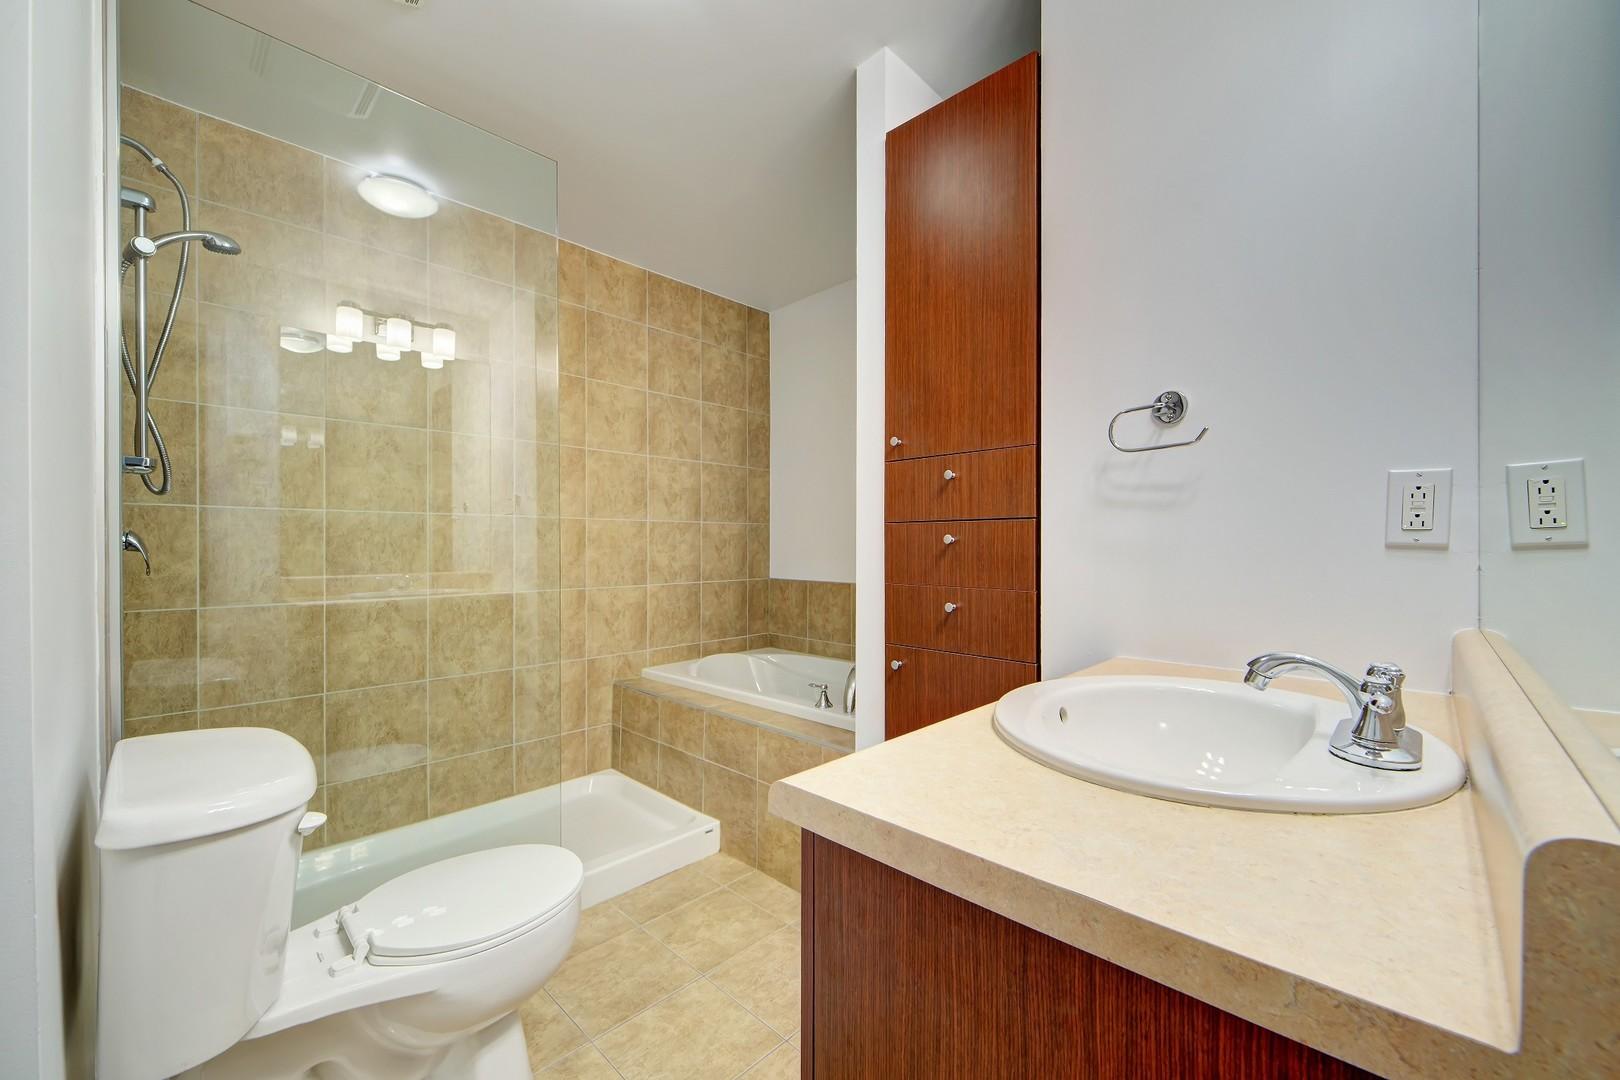 image 2 - Condo - For rent - Montréal  (Rivière-des-Prairies) - 4 rooms